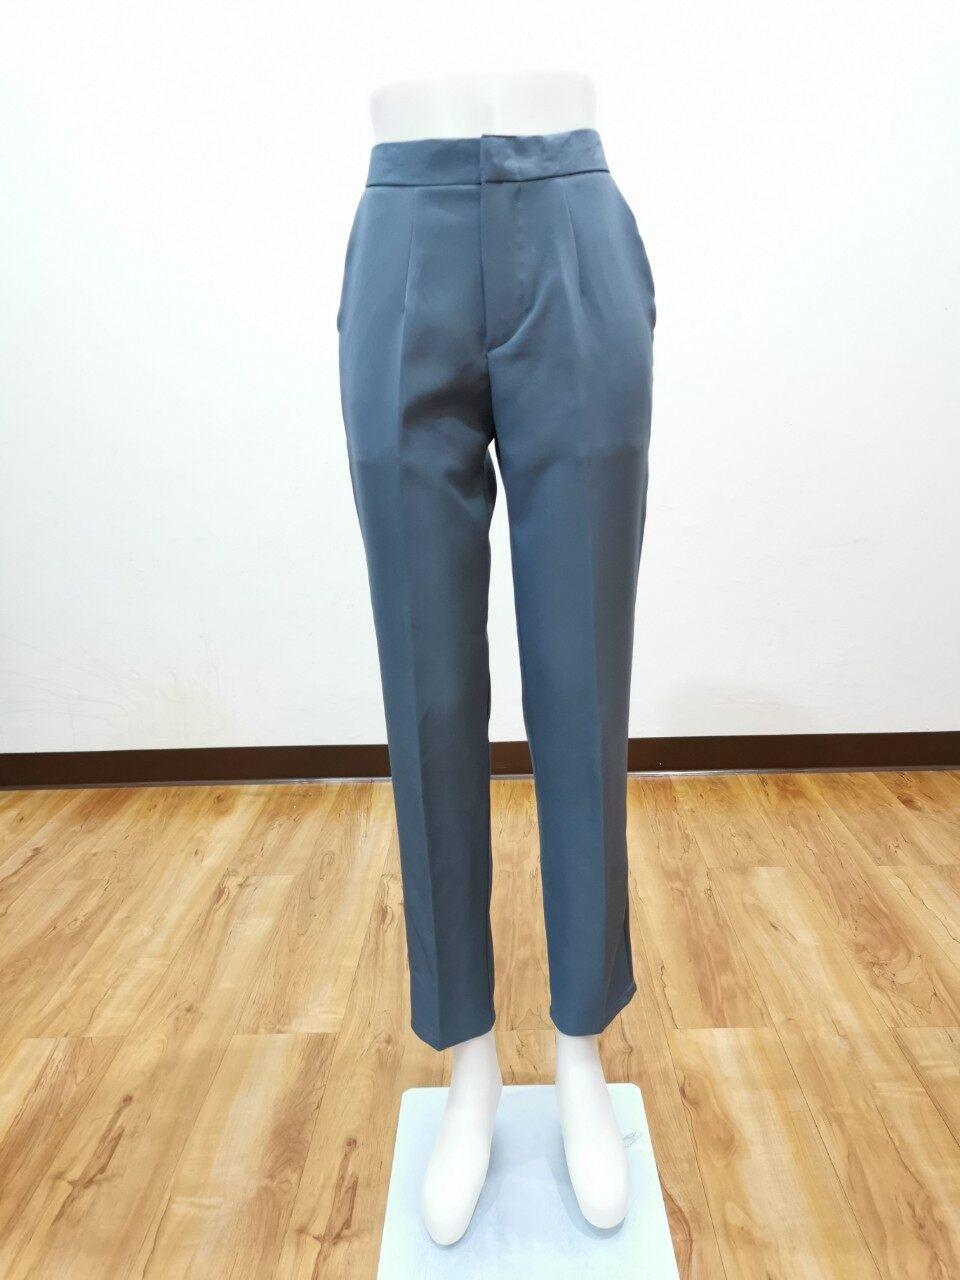 ???8 สี กางเกงทรงสแล็ค กางเกงทรงกระบอกเล็ก? กางเกงผู้หญิงขายาว กางเกงใส่ทำงาน รุ่นขายดี by SaNe Shop